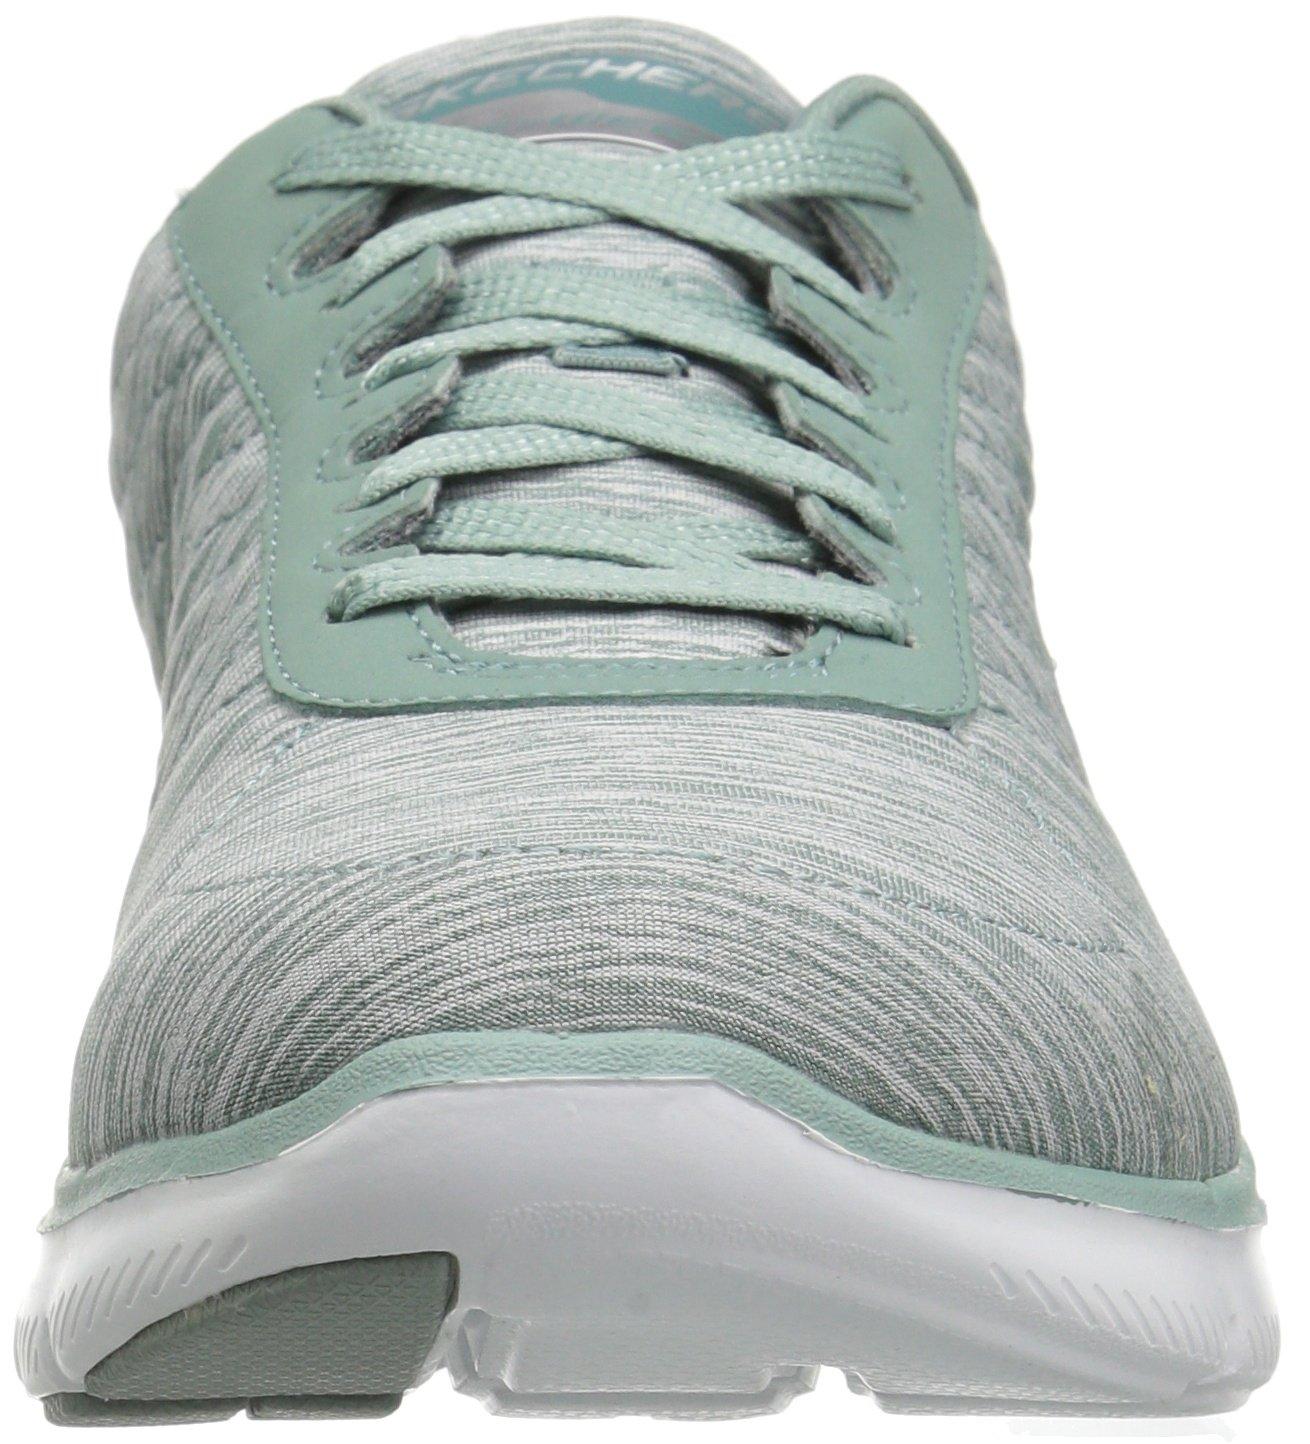 Skechers Women's Flex Appeal 2.0 Sneaker B076DPKHQM 8.5 B(M) US|Sage White Trim